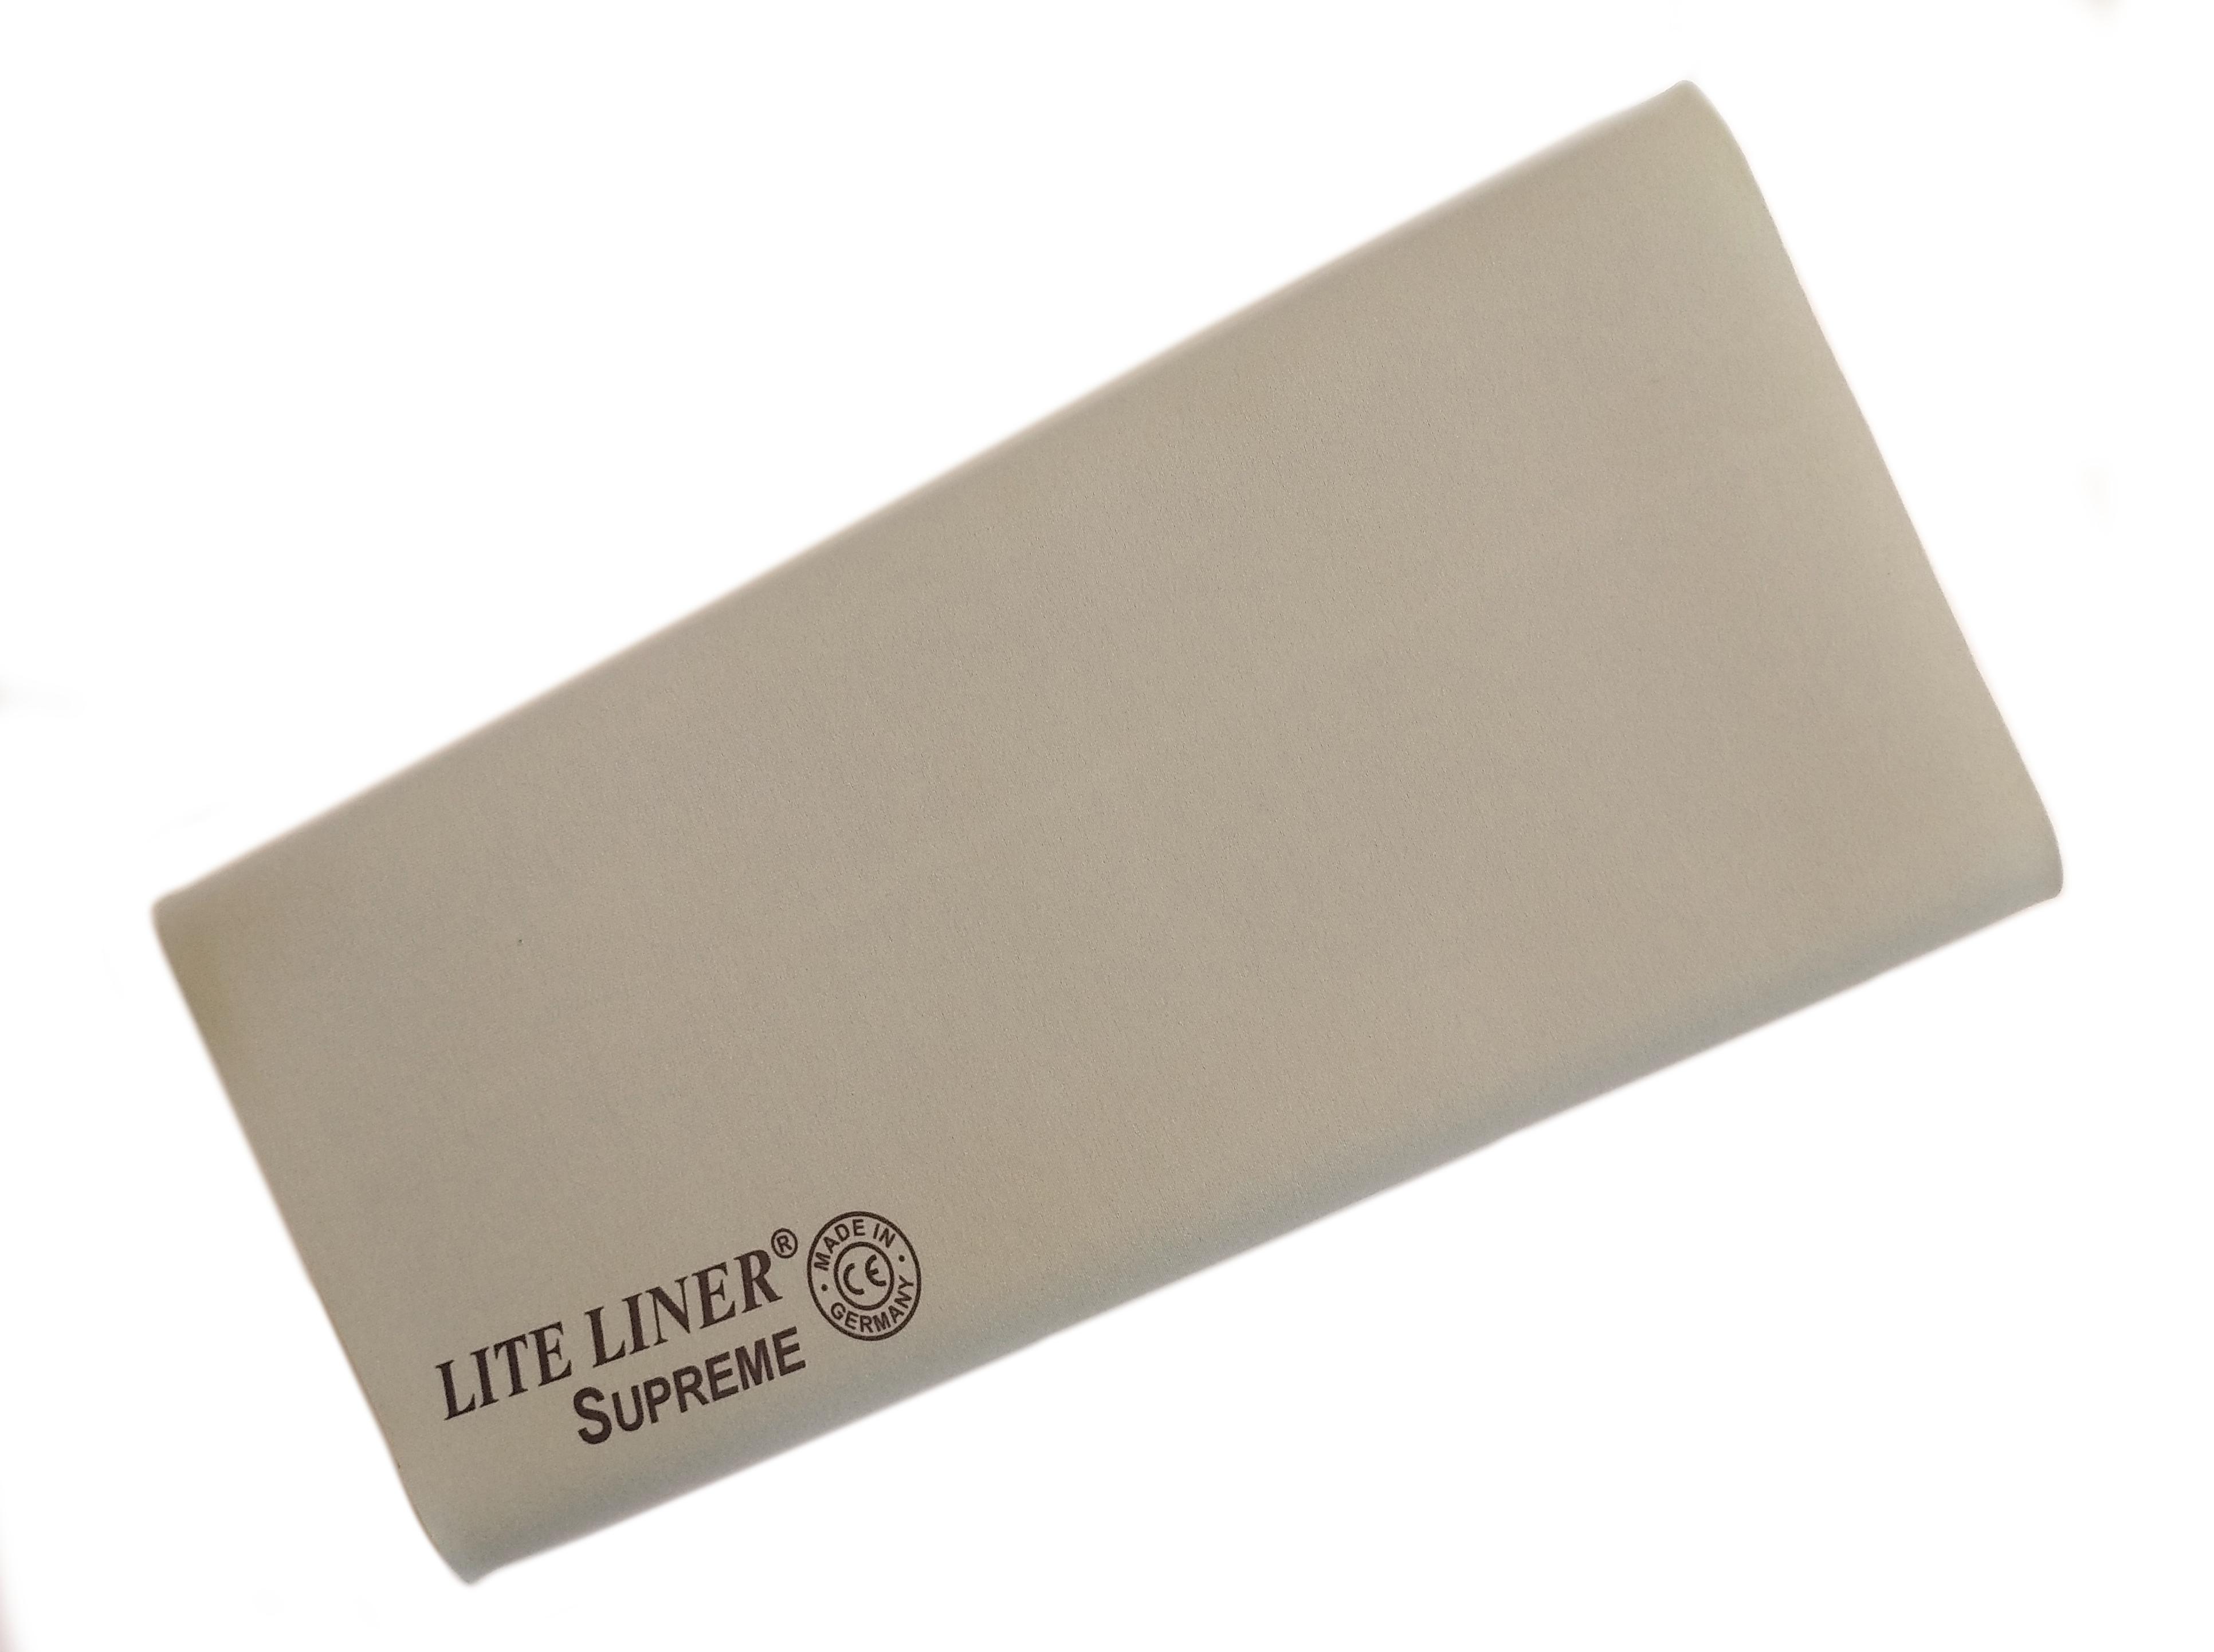 Lite Liner supreme